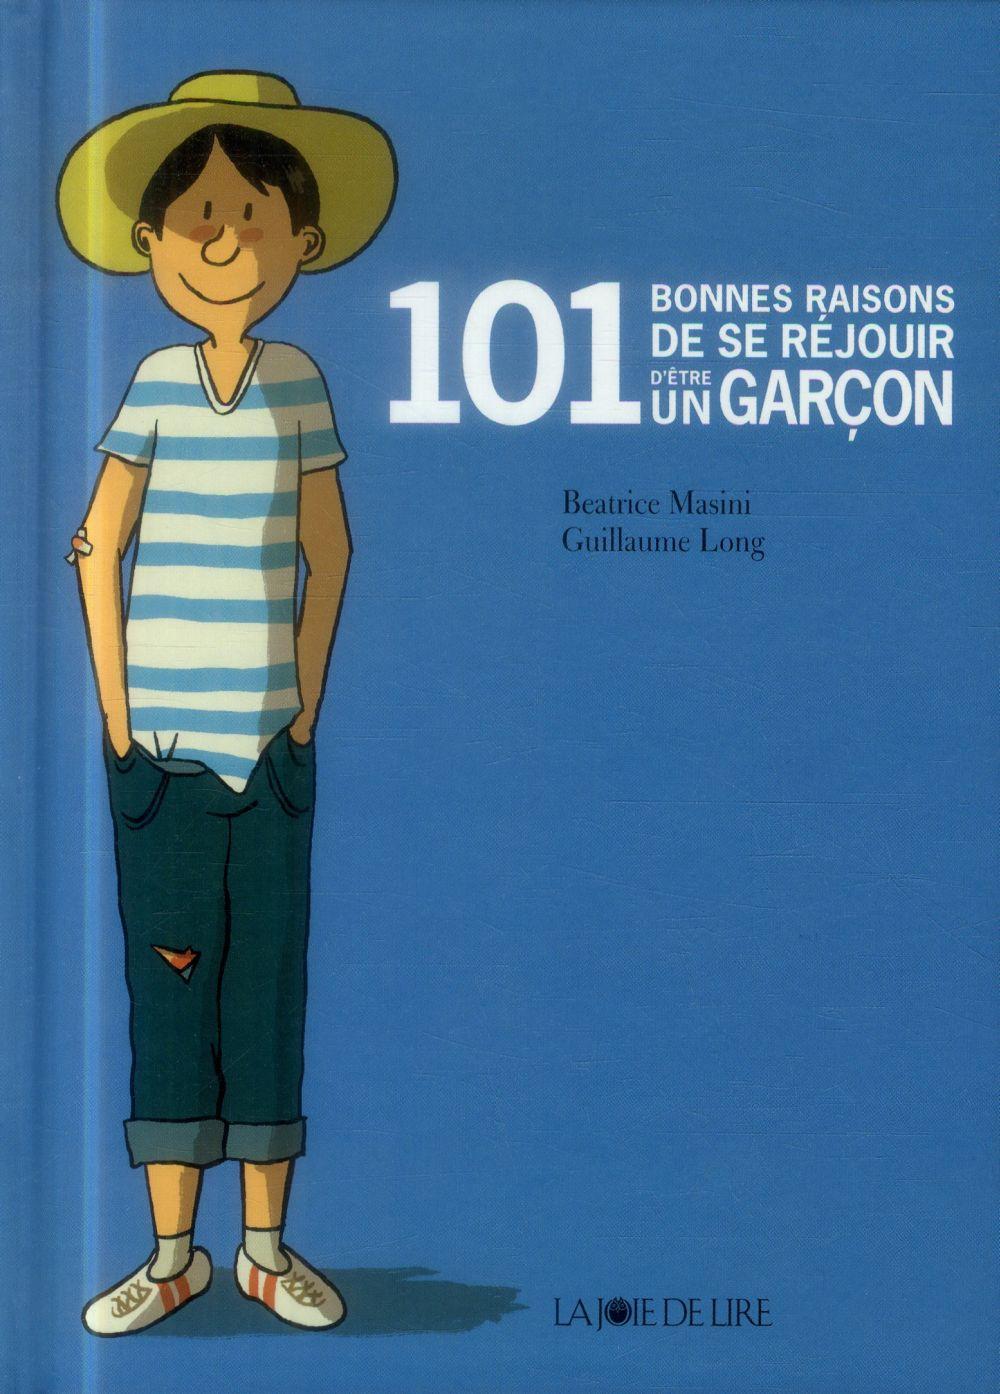 101 bonnes raisons de se réjouir d'etre un garçon